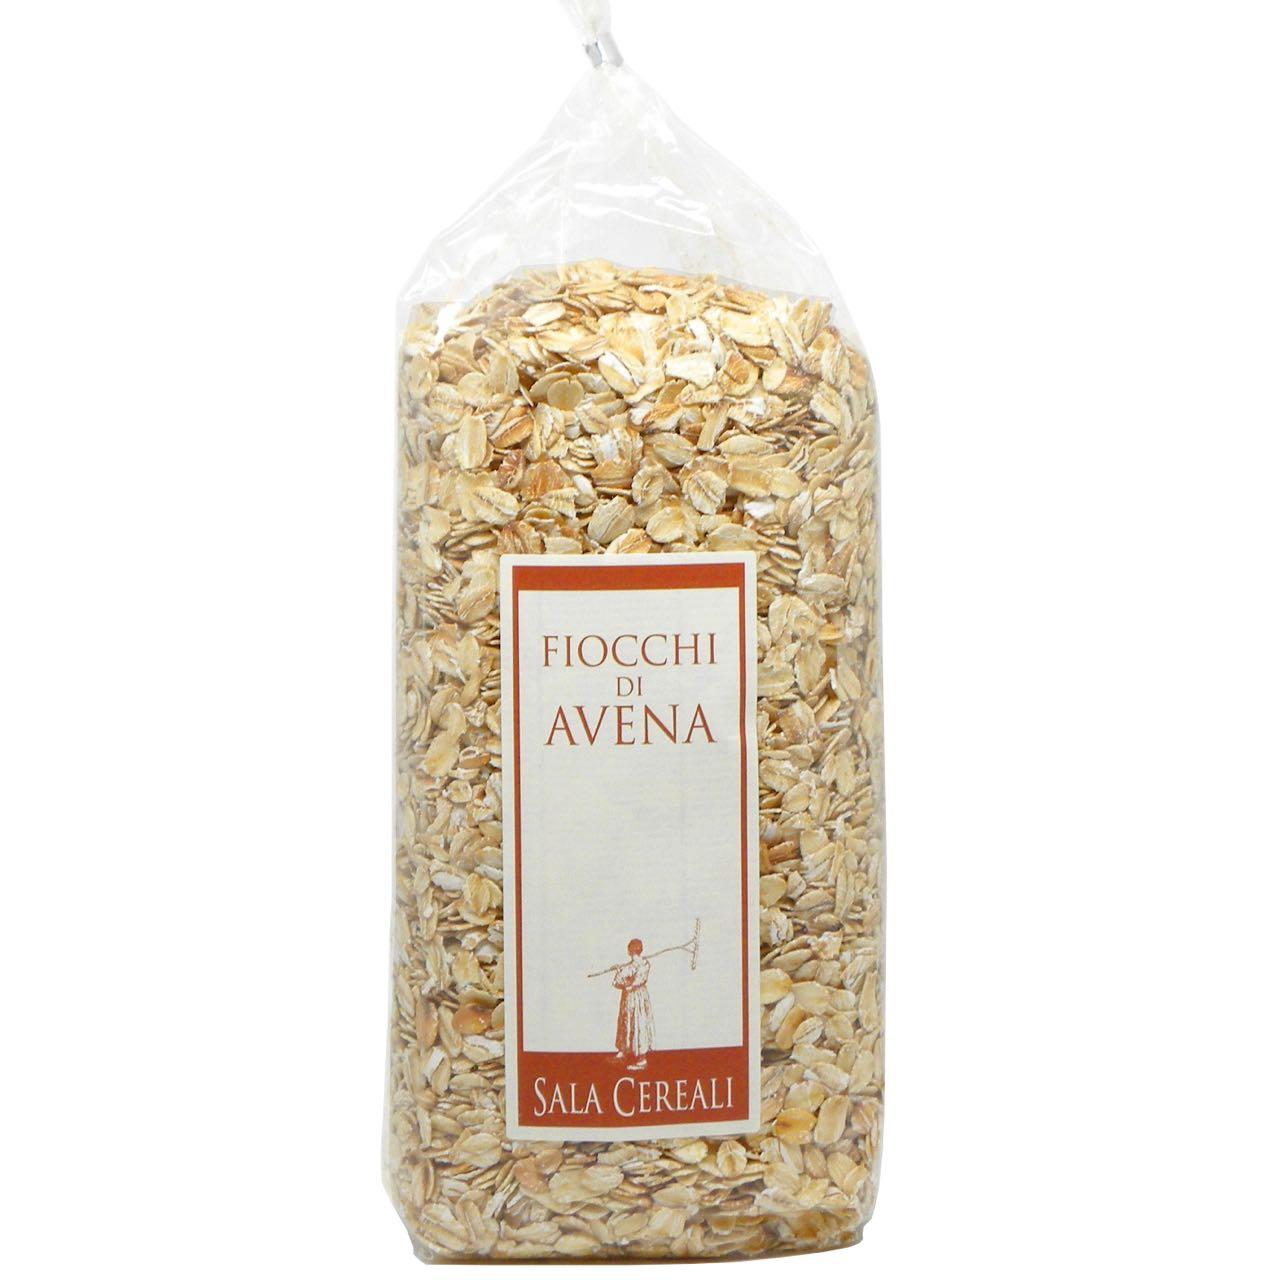 Fiocchi di Avena Sala Cereali – Sala Cereali Oat Flakes – Gustorotondo – Italian food boutique